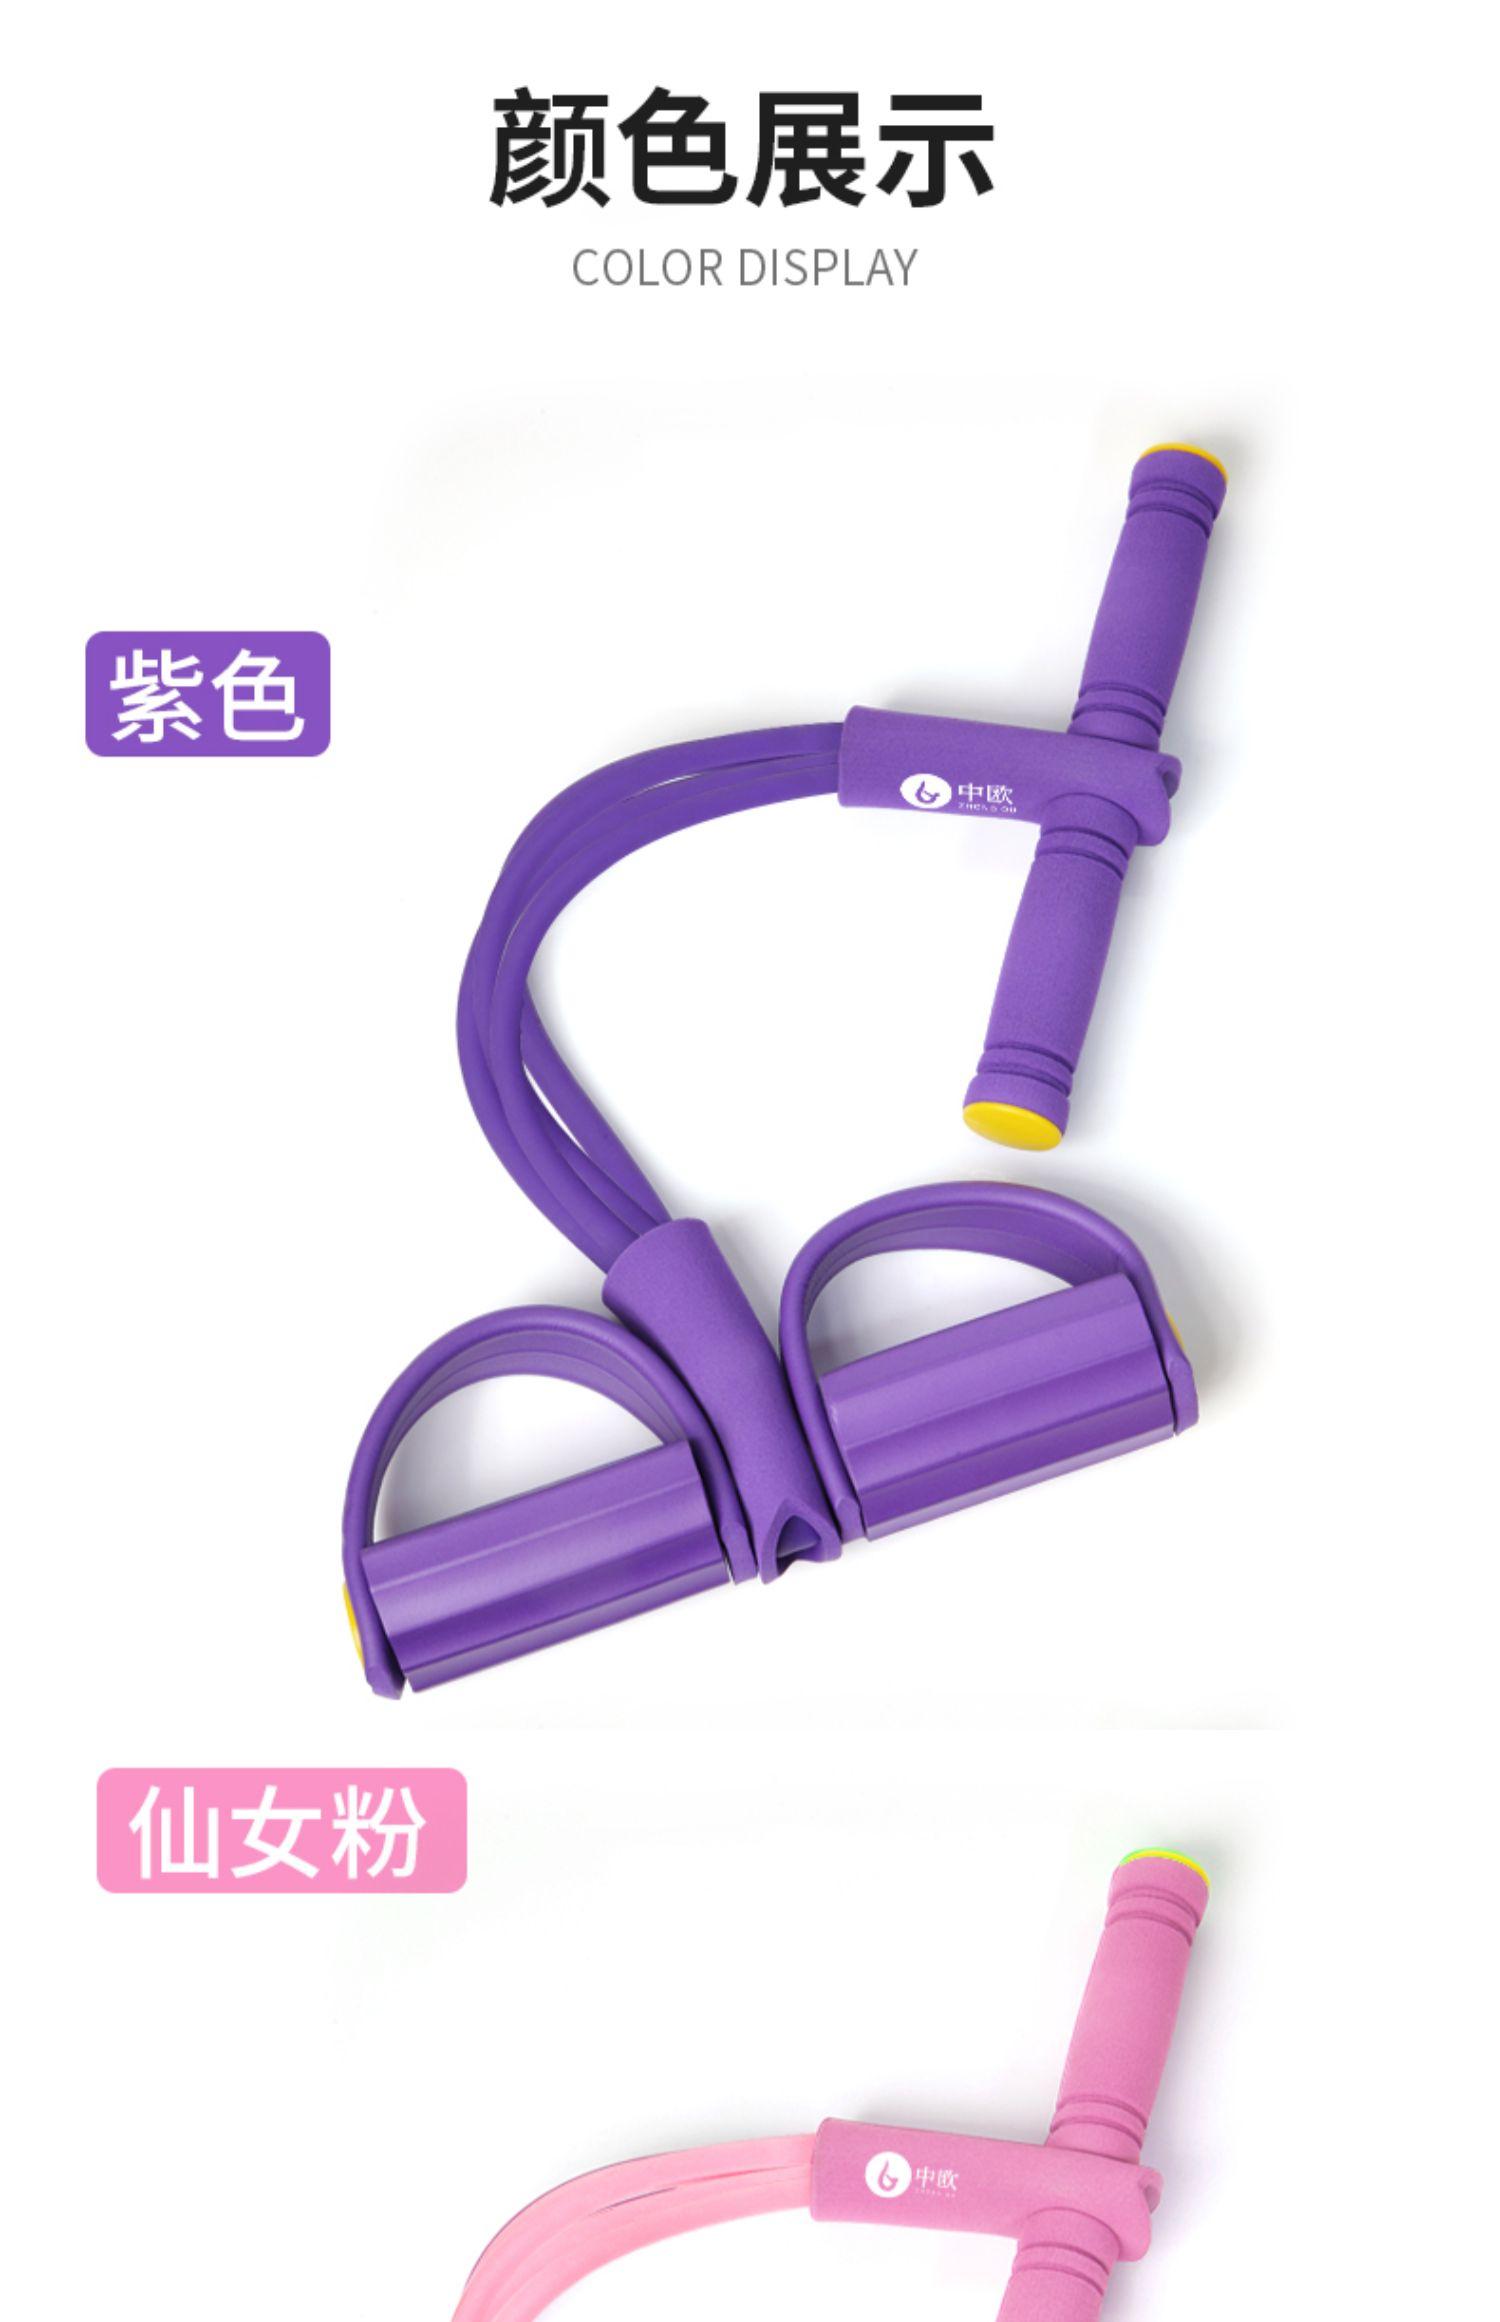 脚蹬拉力神器减肥瘦肚子仰卧起坐辅助器女健身瑜伽器材家用卷腹绳